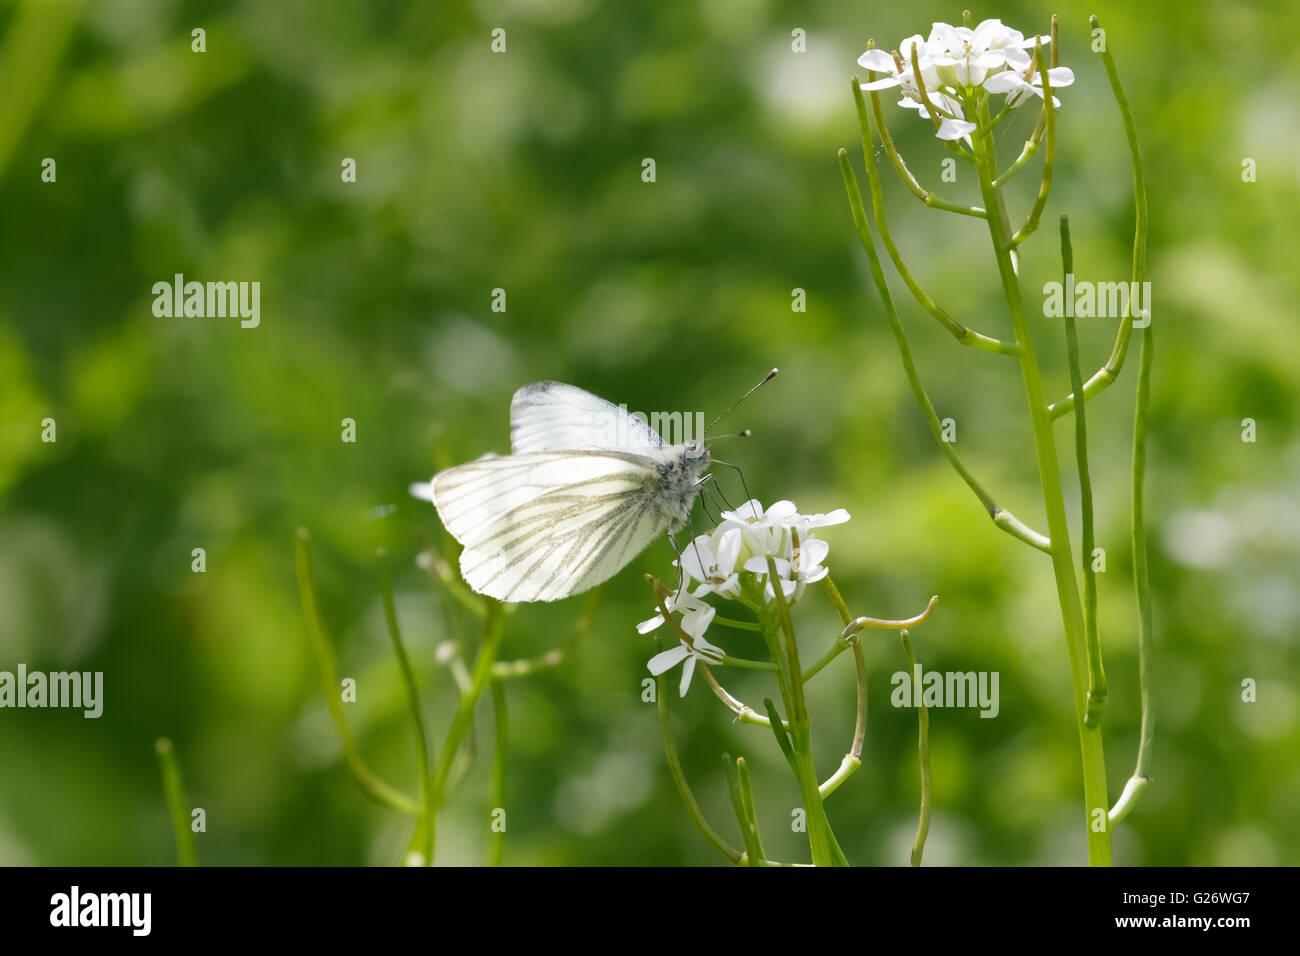 Green-veined white (Pieris napi) feeding on nectar of a white flower. Stock Photo